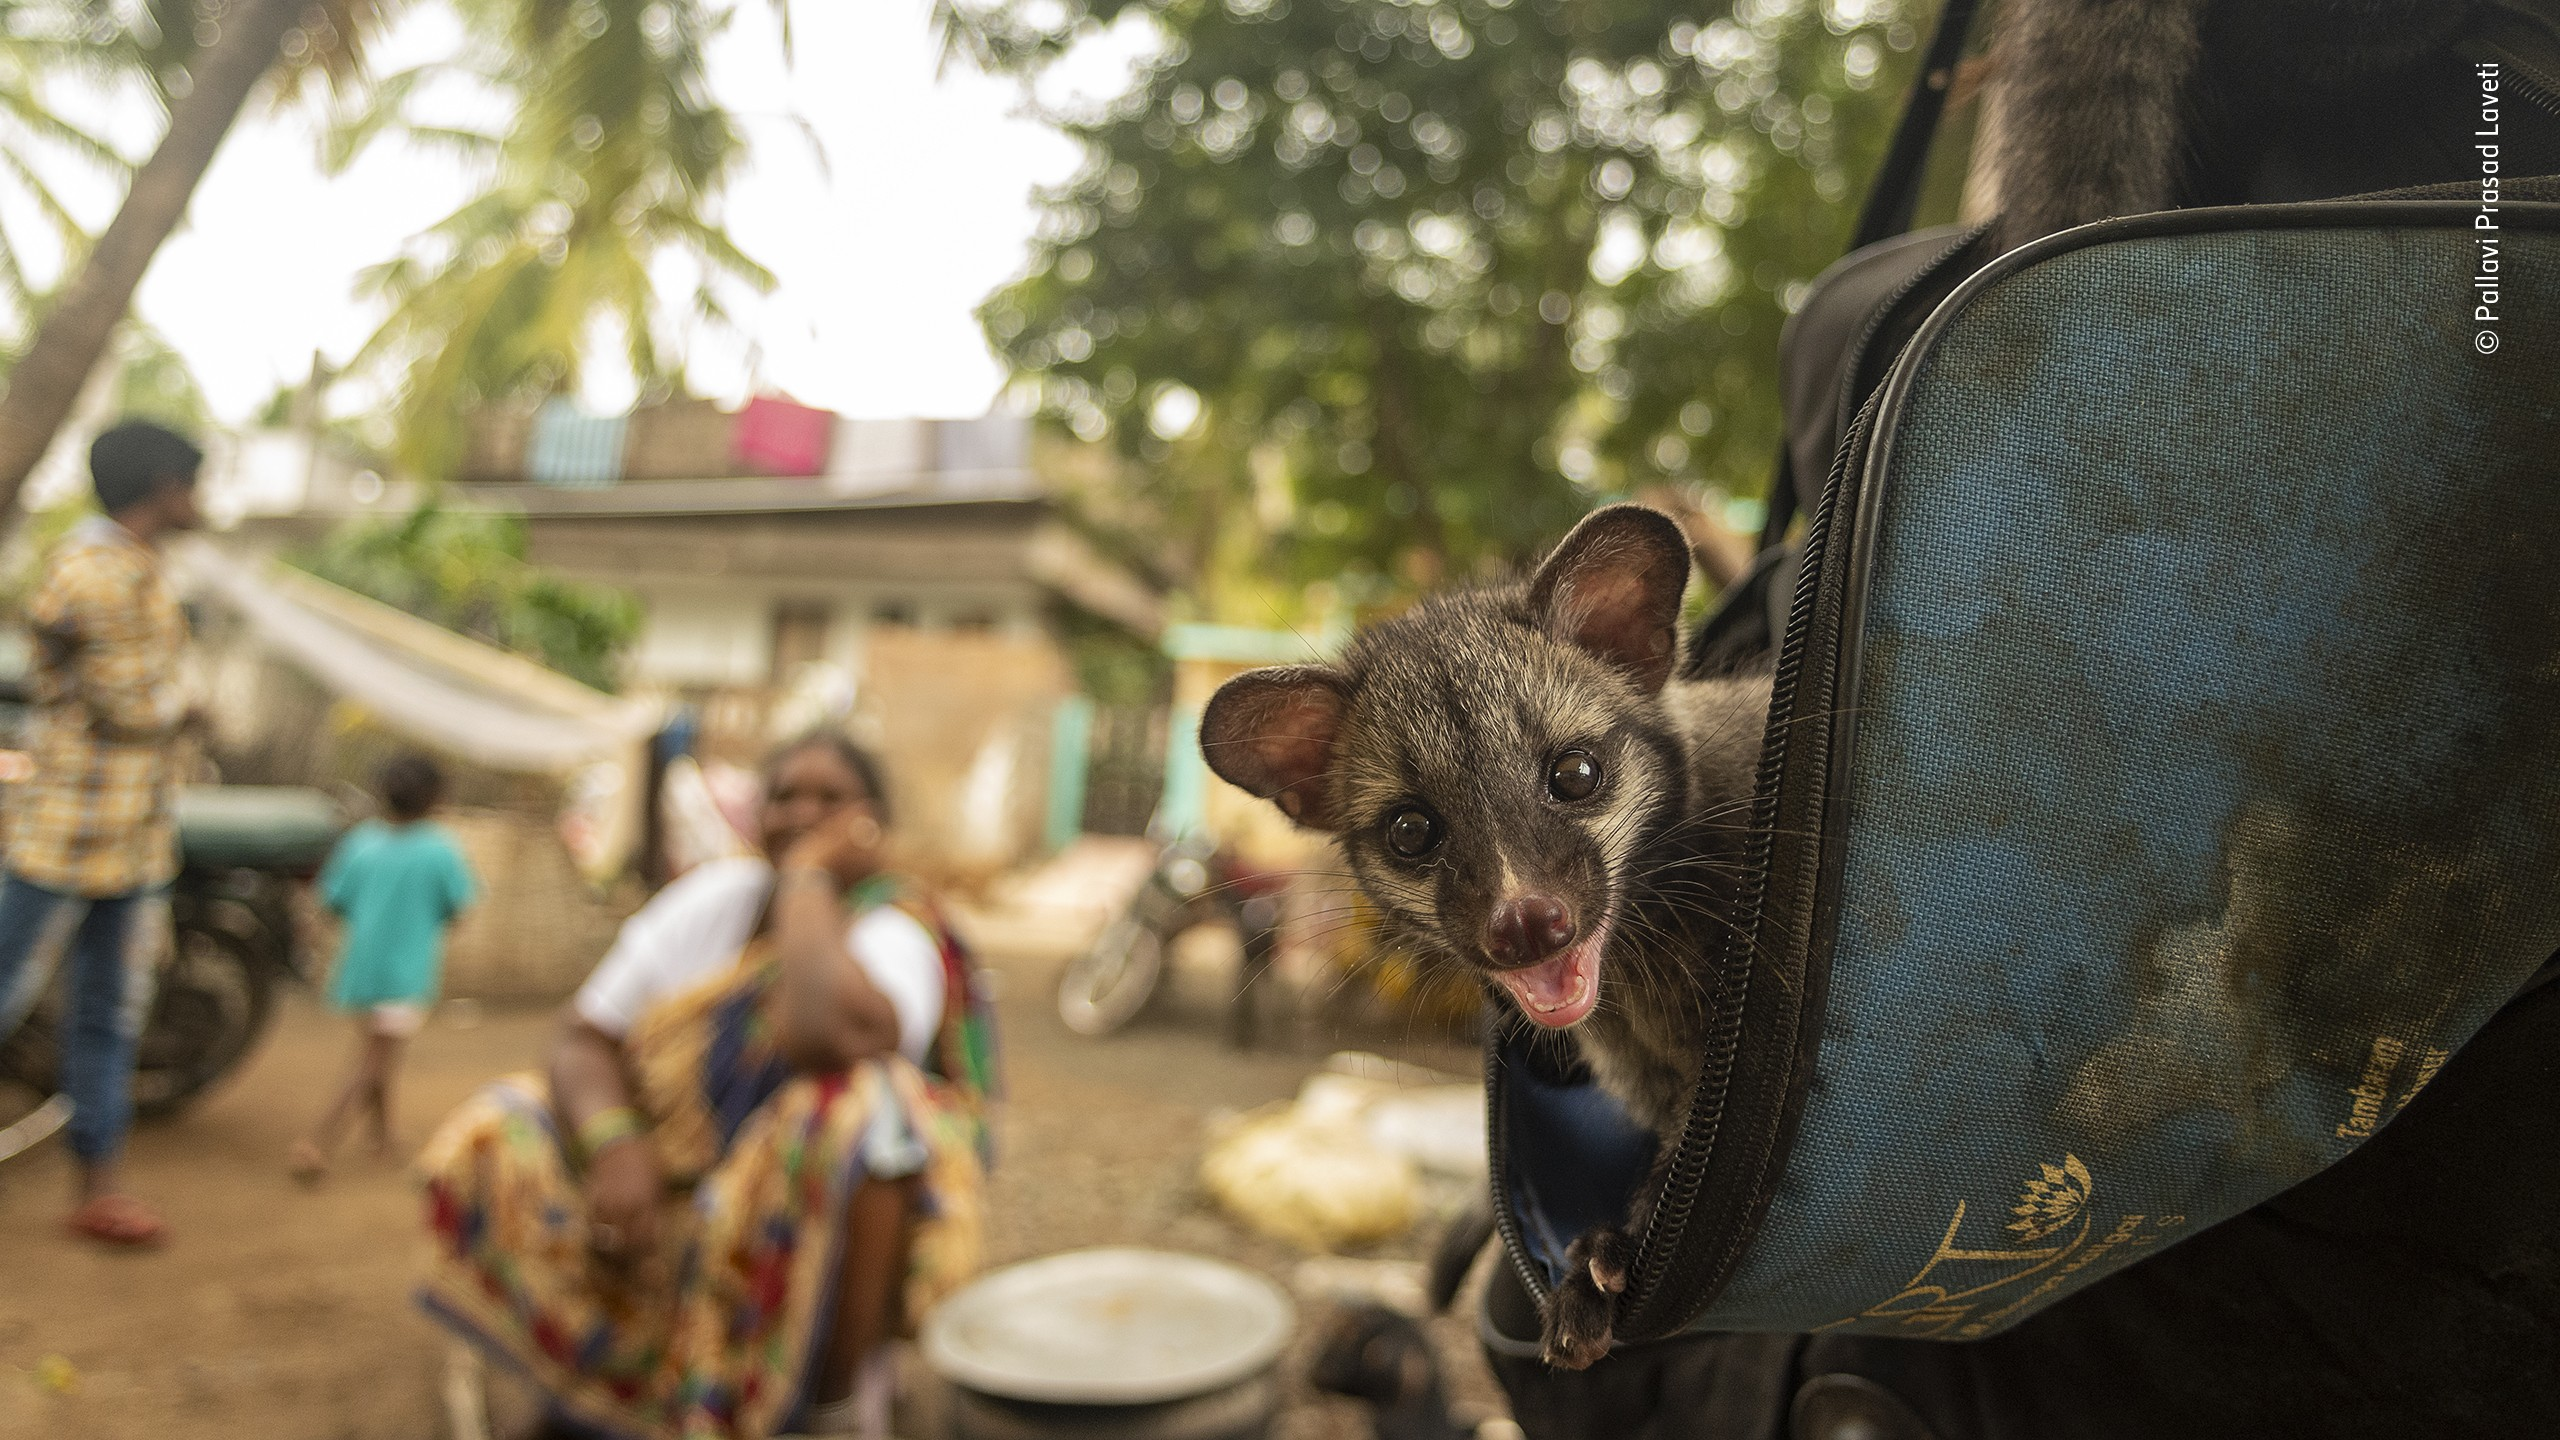 «Сосуществование». Пальмовая цивета (или циветта) в индийской деревушке. Фотограф Паллави Прасад Лавети